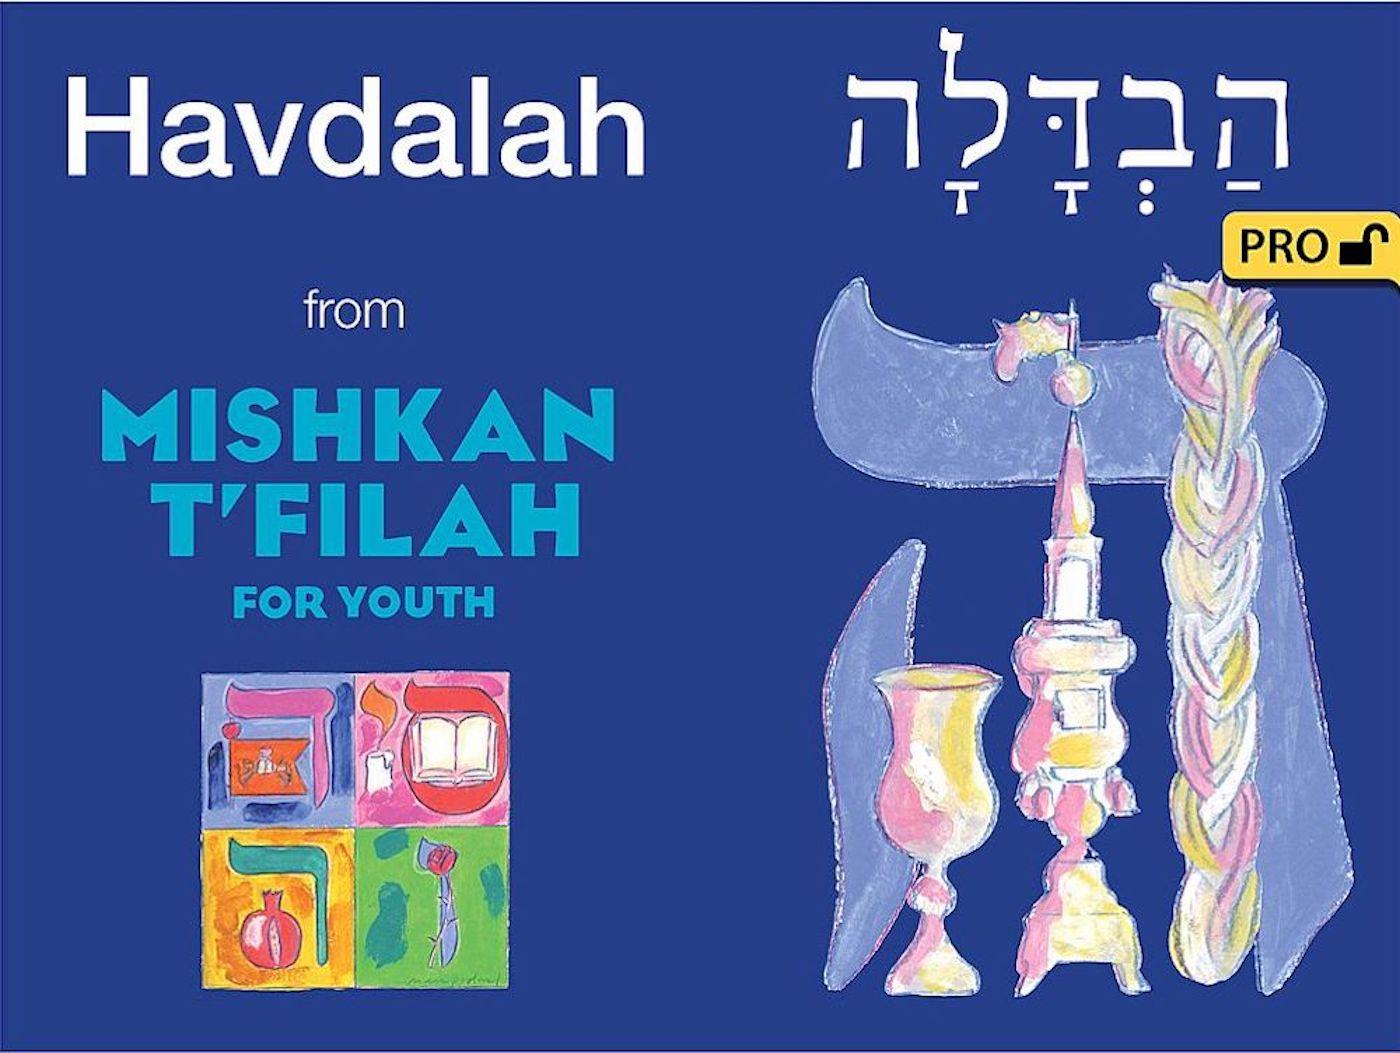 Mishkan T'filah for Youth Visual T'filah (Havdalah Pro)